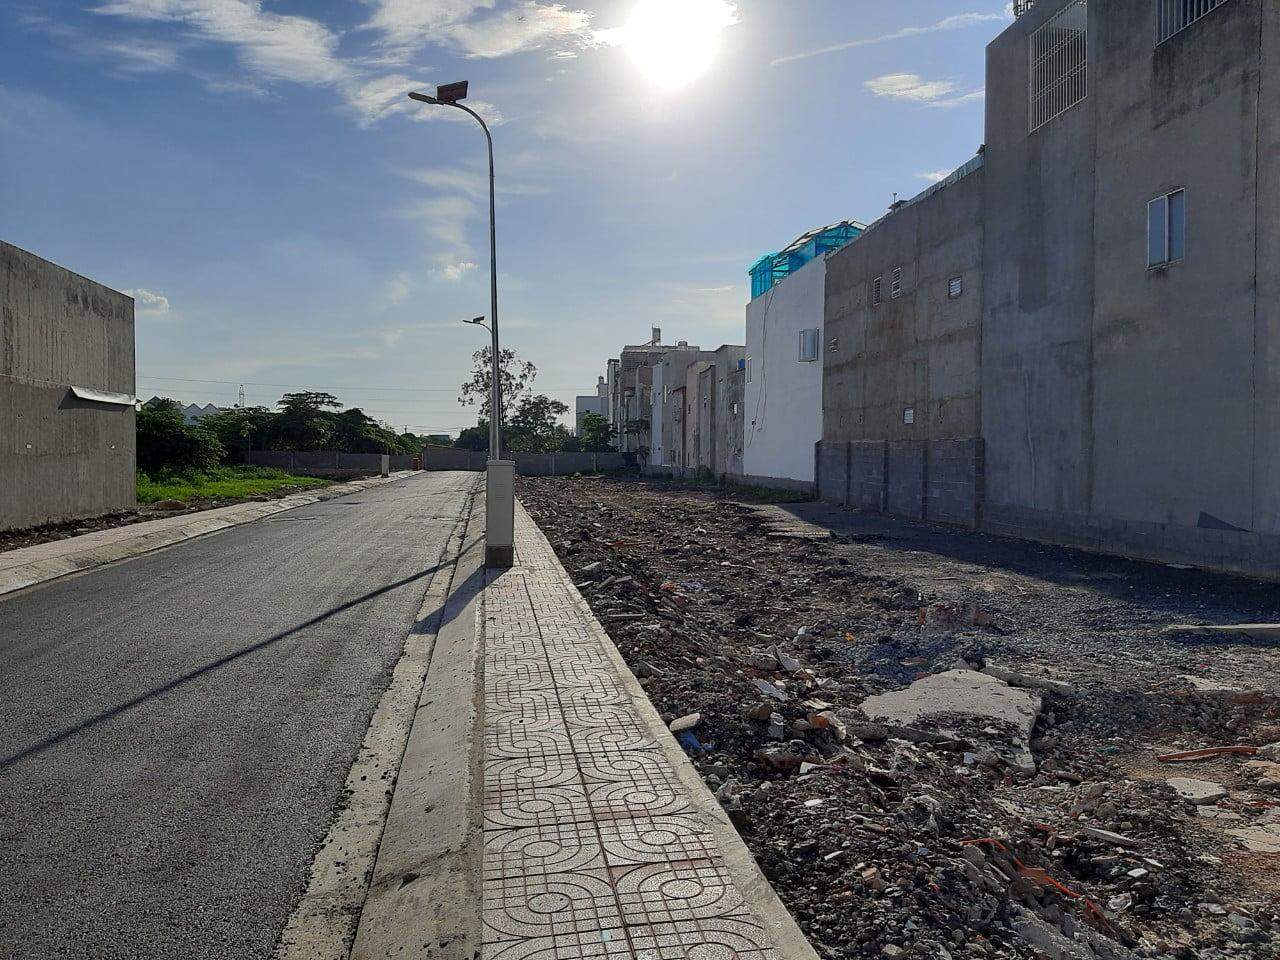 Hình ảnh thực tế đất nền Hẻm 51 đường 18B Bình Tân